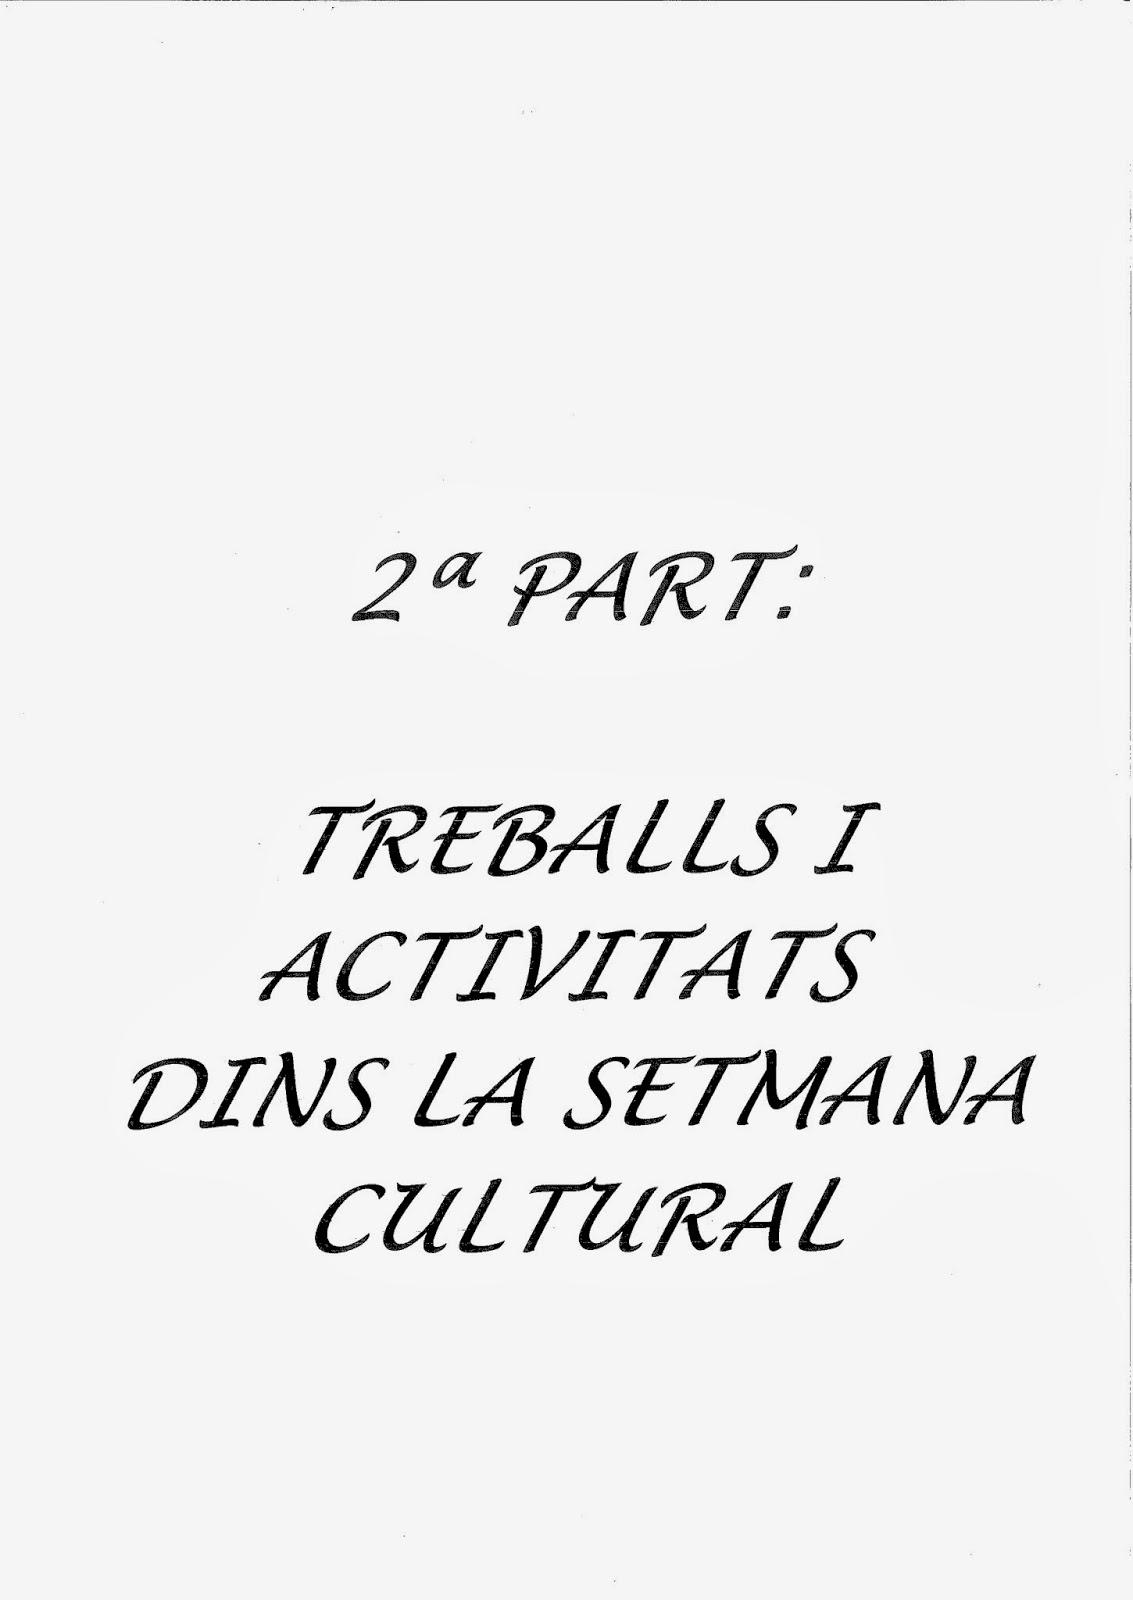 http://issuu.com/blocsdantaviana/docs/roquete_passat..._2___part